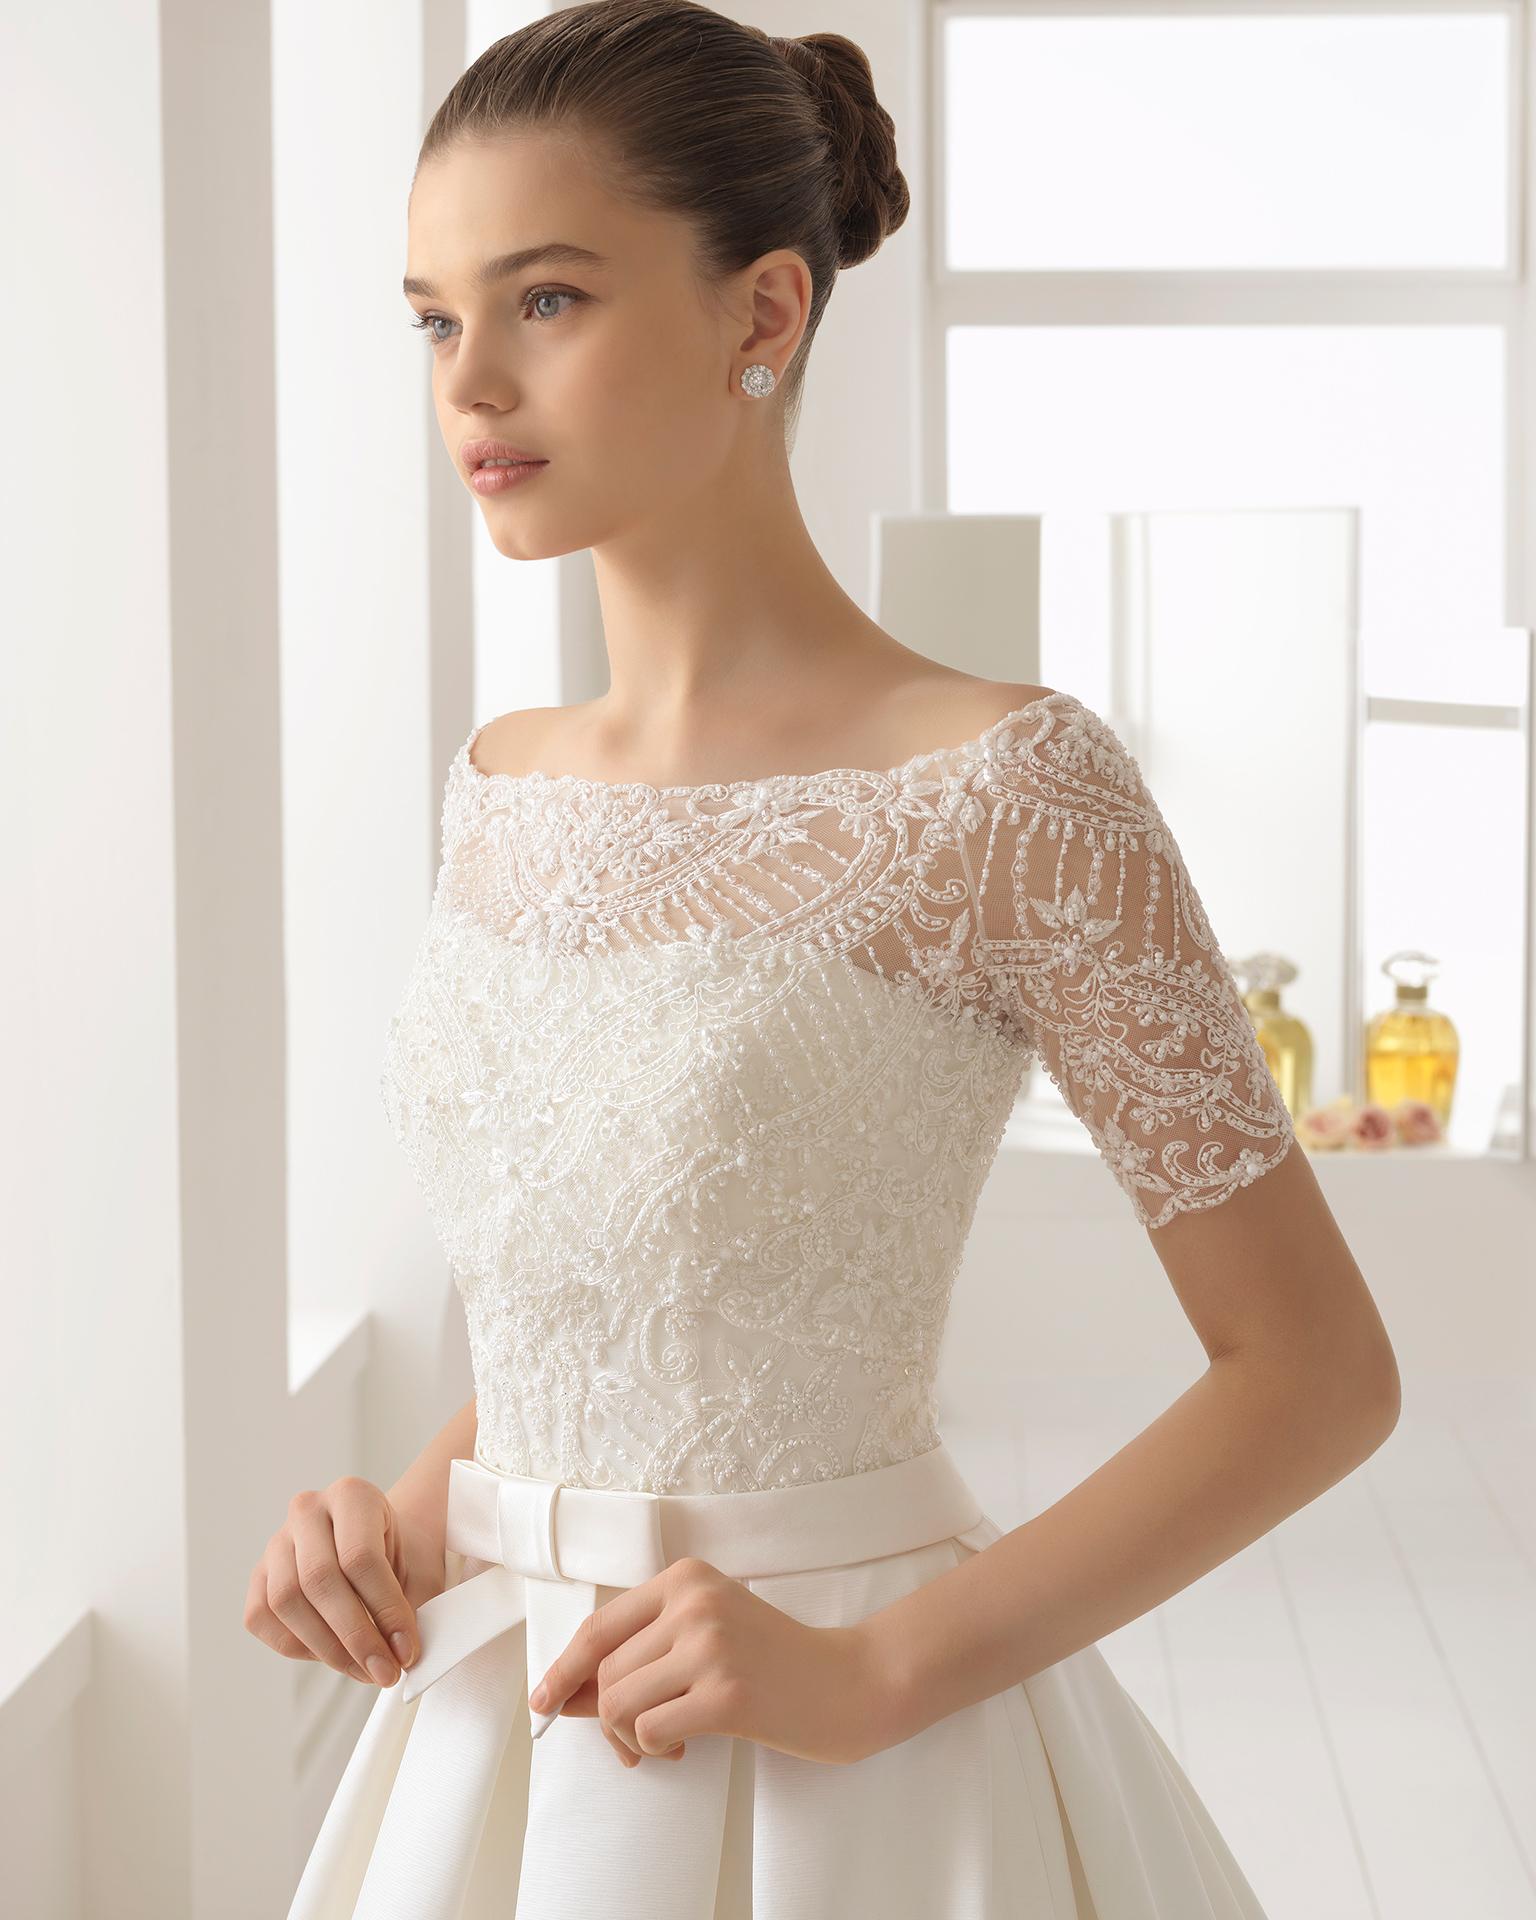 象牙色经典风格无肩带式珠饰蕾丝丝硬缎新娘婚纱。